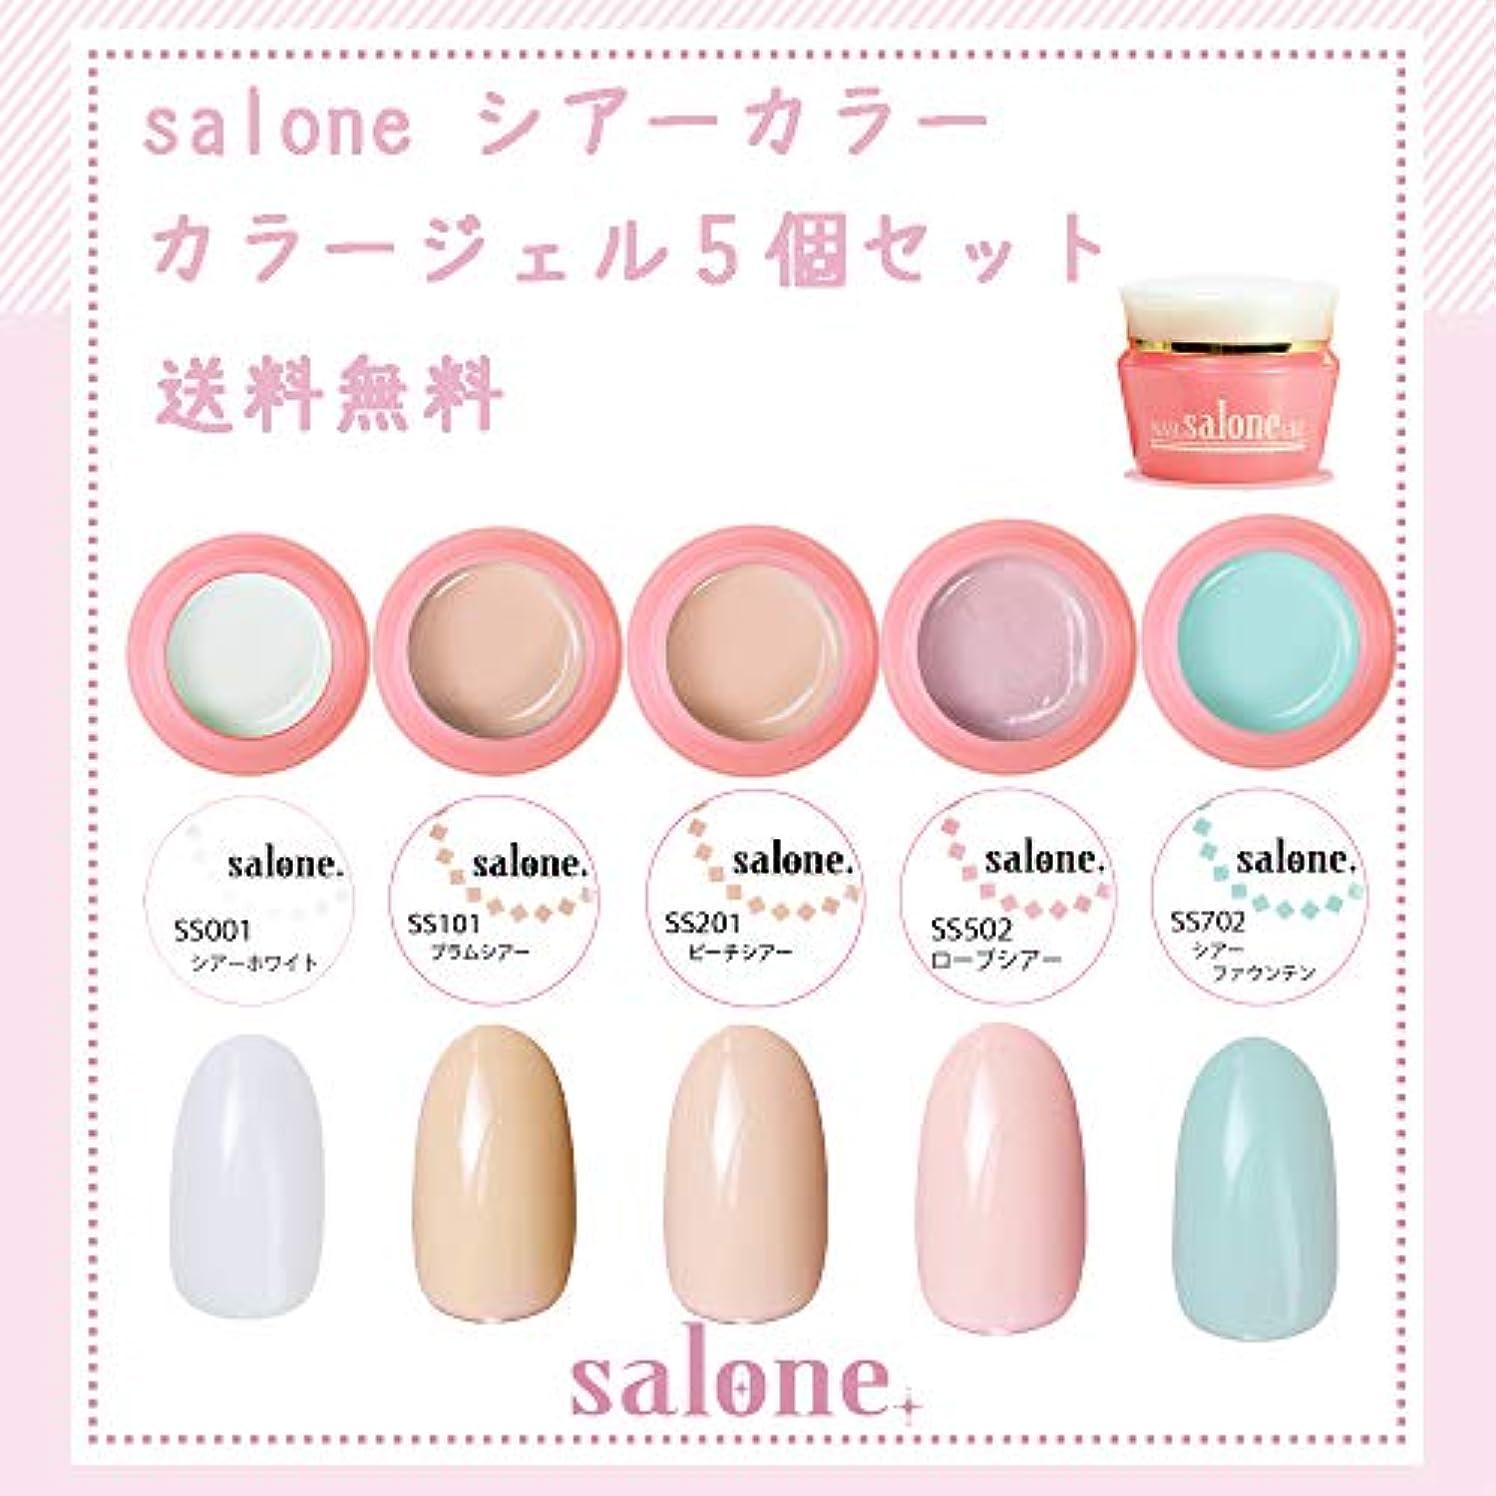 カウント唇印象的【送料無料 日本製】Salone シアーカラーカラージェル5個セット アンニュイでグラデーションにもピッタリなカラー